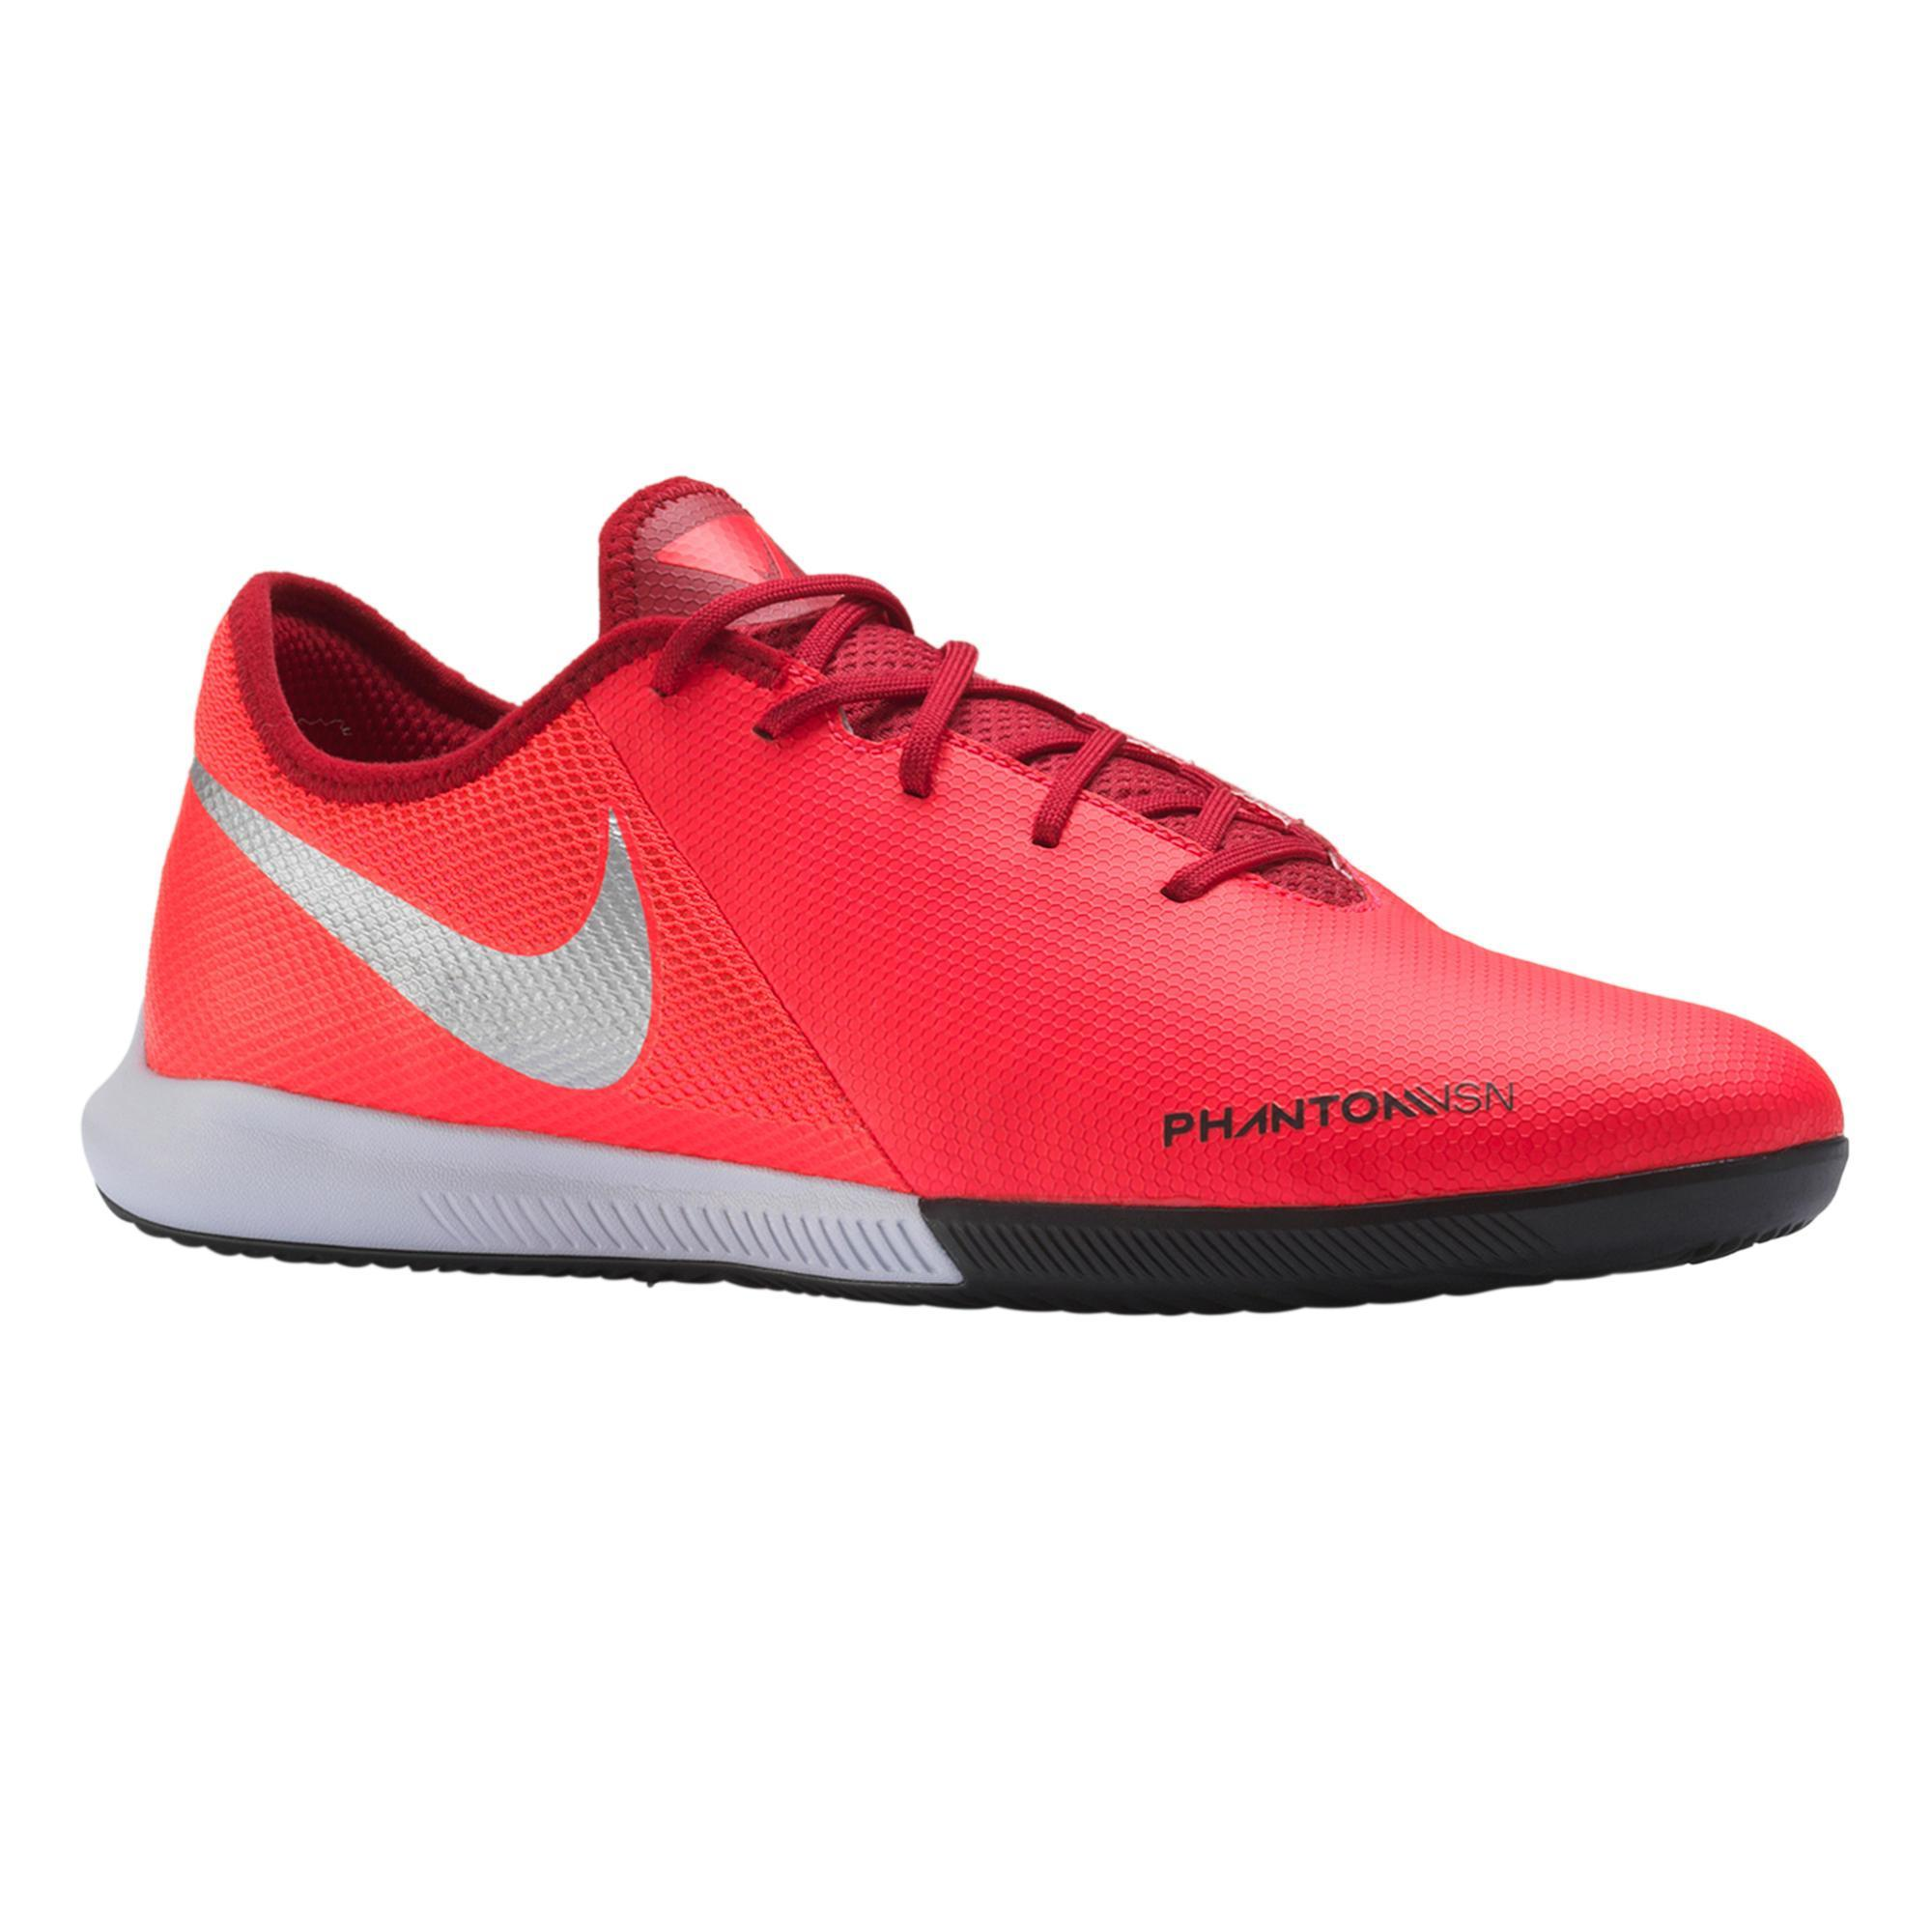 Comprar Zapatillas y Botas de Fútbol Sala Adultos  c7b8579154a3a